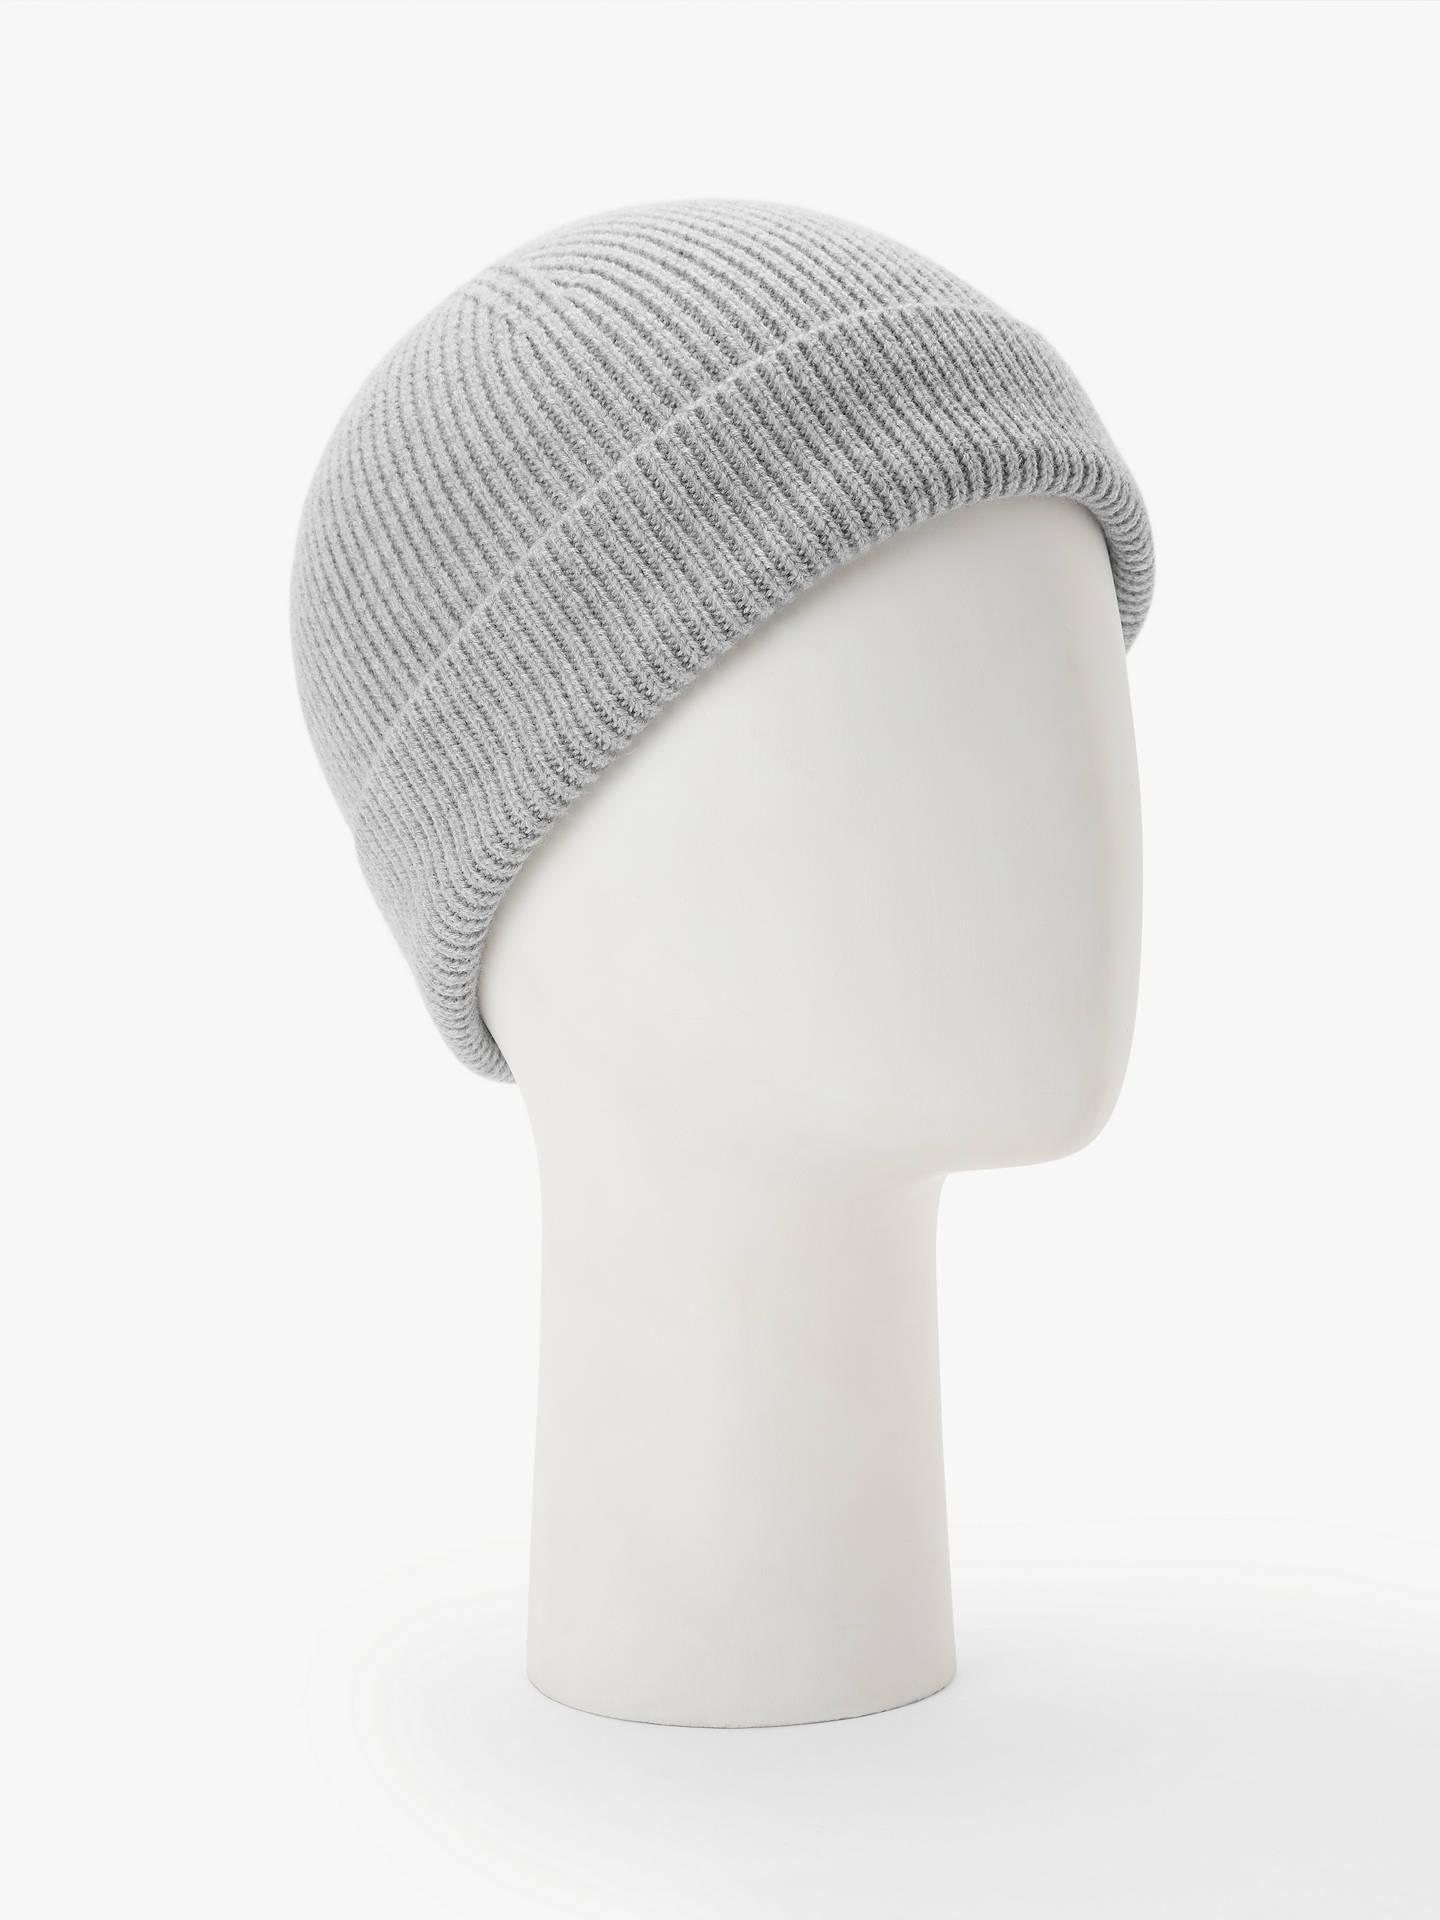 Newborn Beautiful Hand Knit Cashmere Merino Mix Beanie Hat